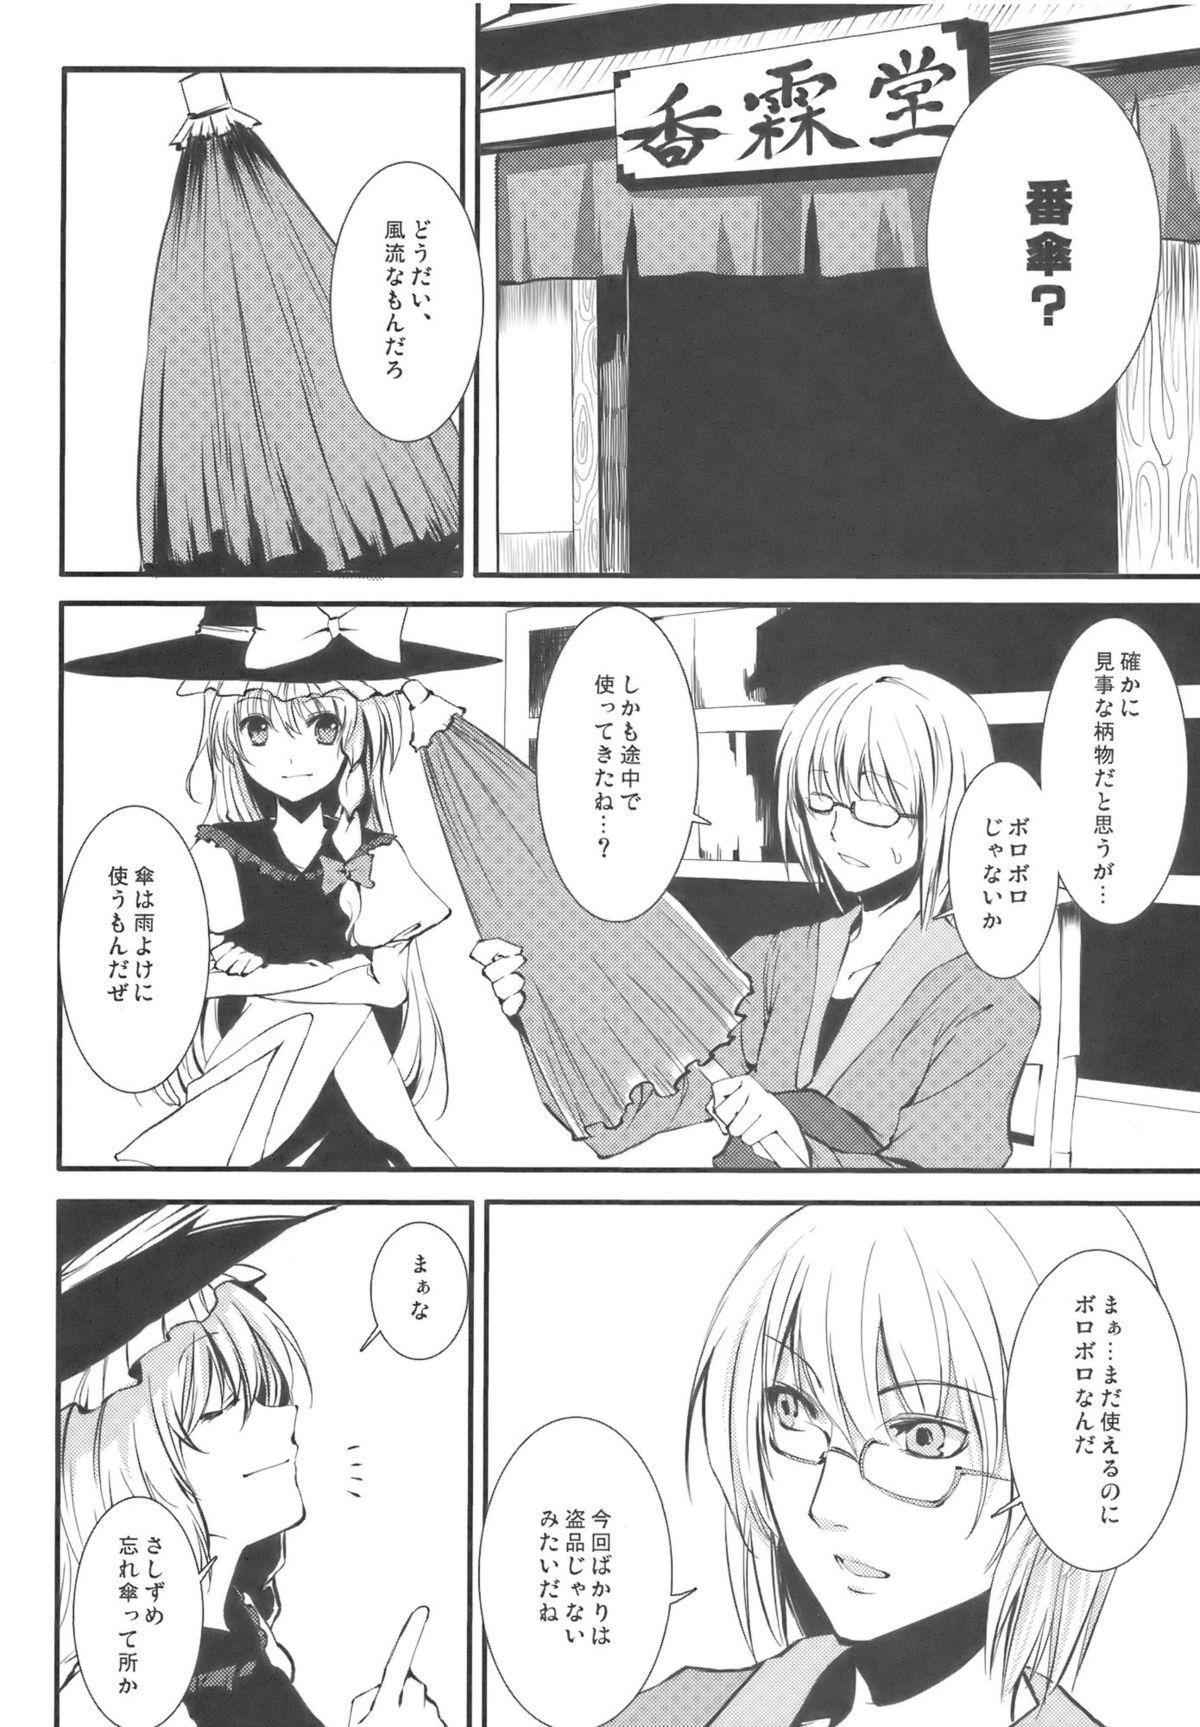 Kasa no Ongaeshi 3